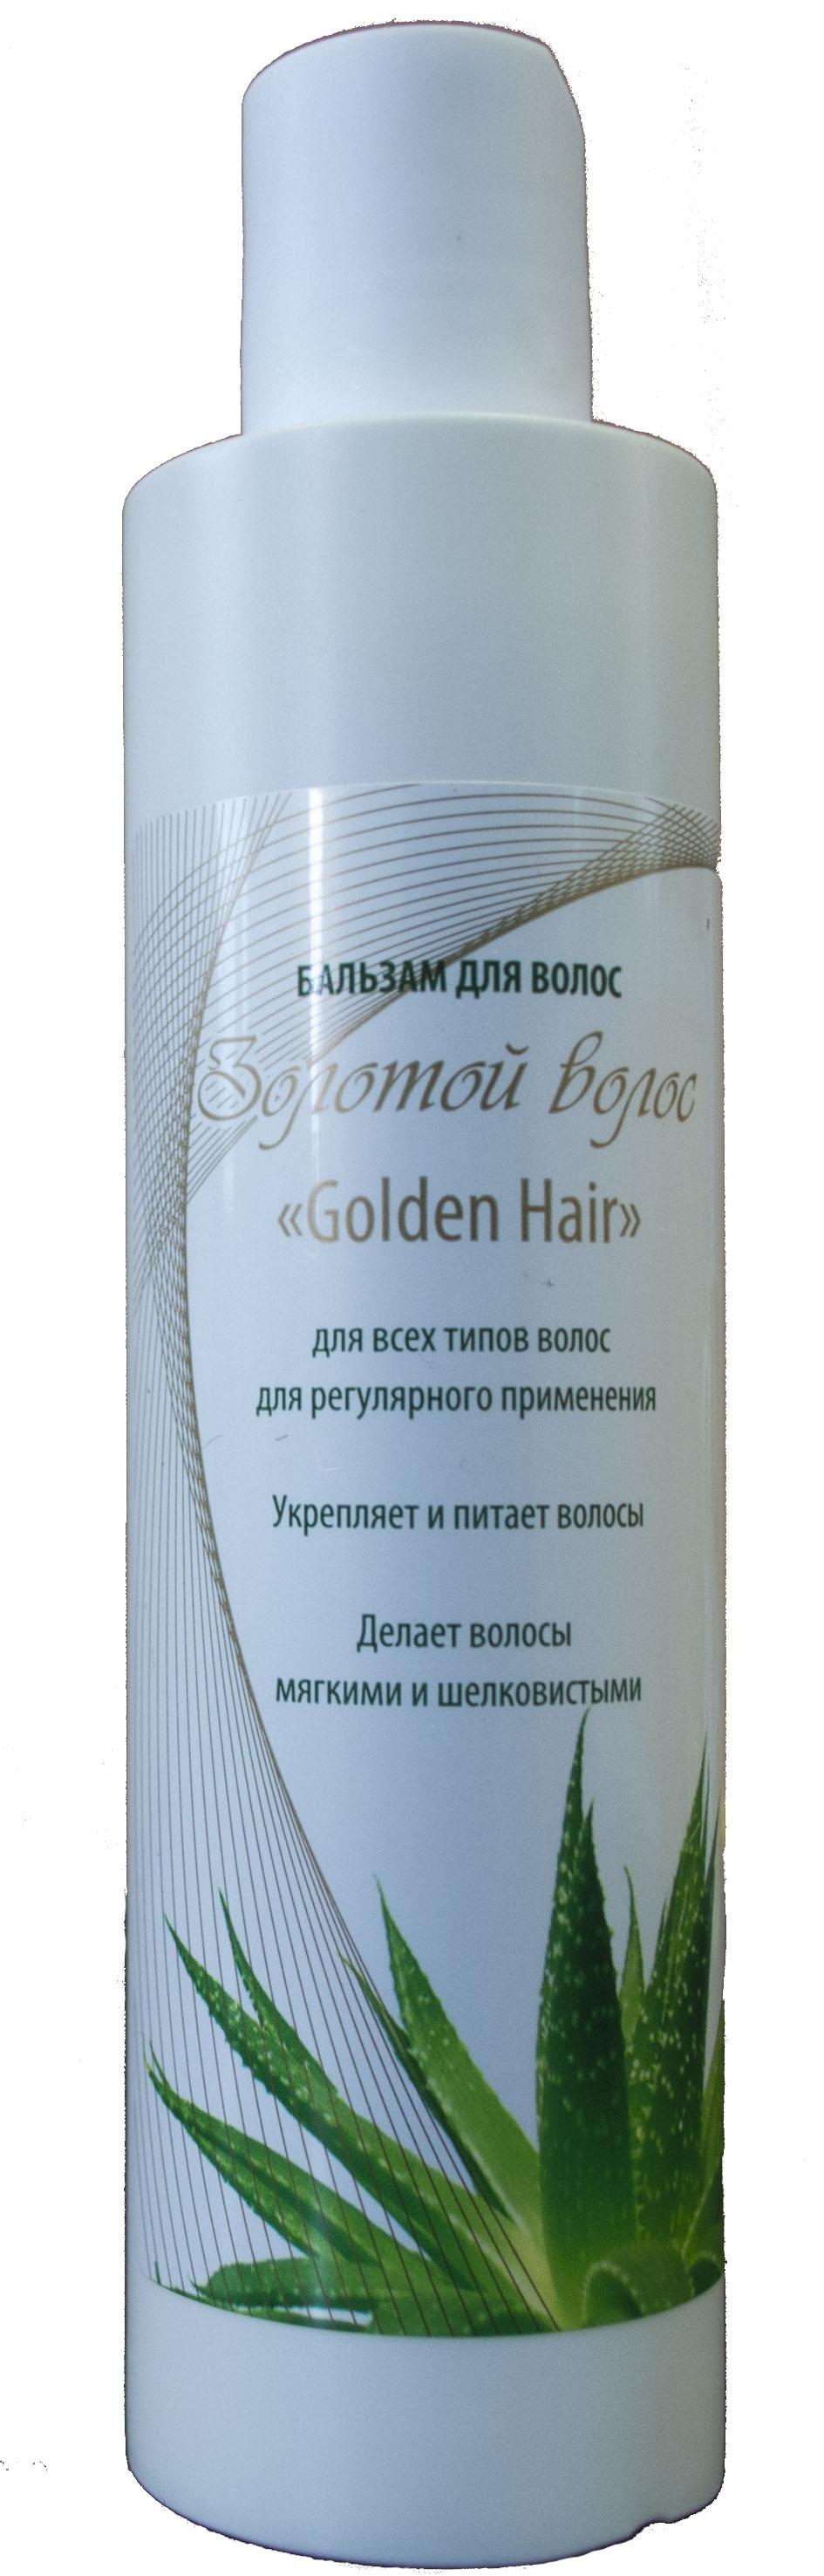 Бальзам для всех типов волос Золотой волос